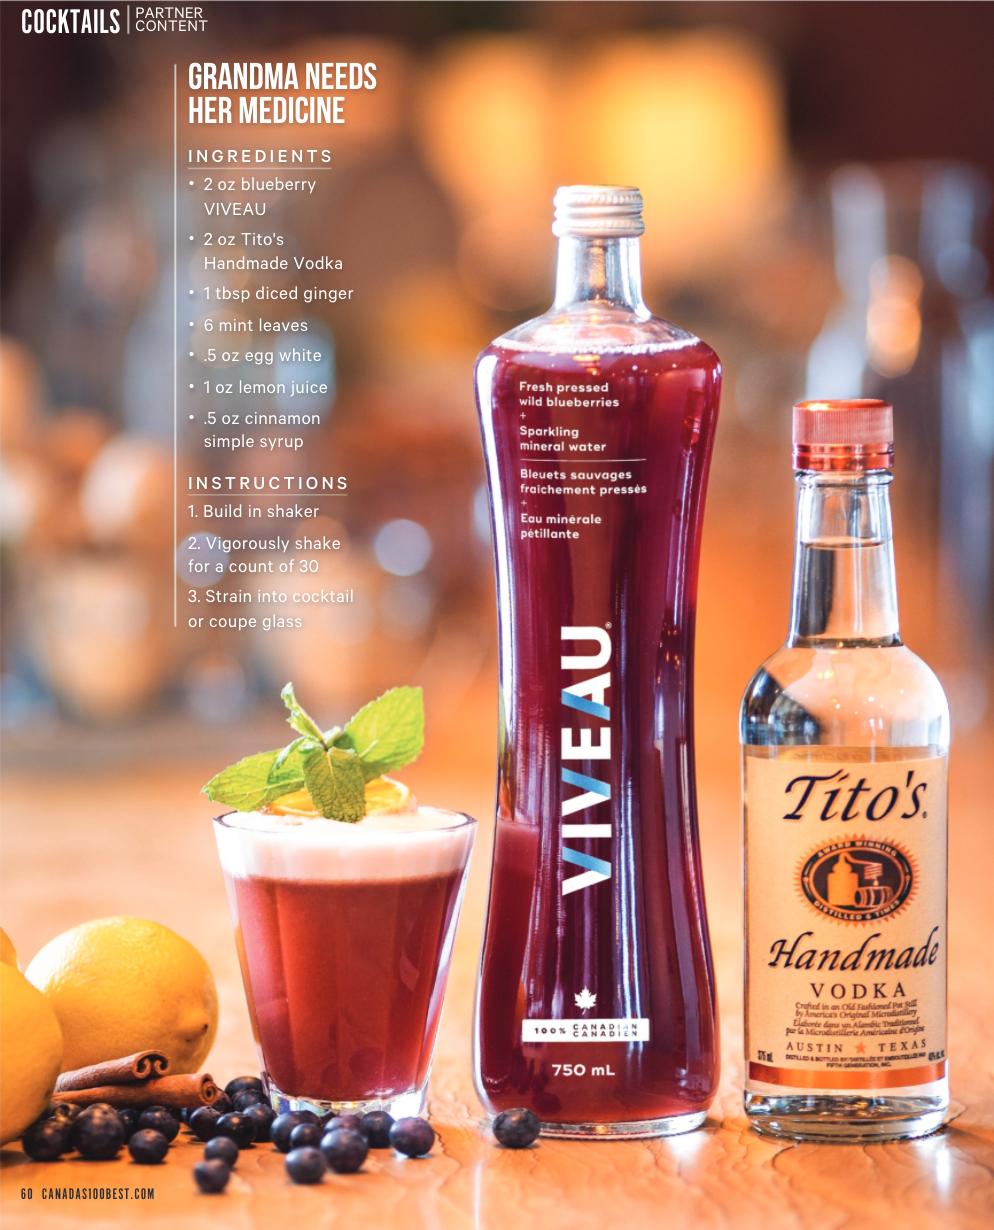 Canada S 100 Best X Titos Handmade Vodka X Viveau In 2021 Vodka Flavored Sparkling Water Sparkling Mineral Water